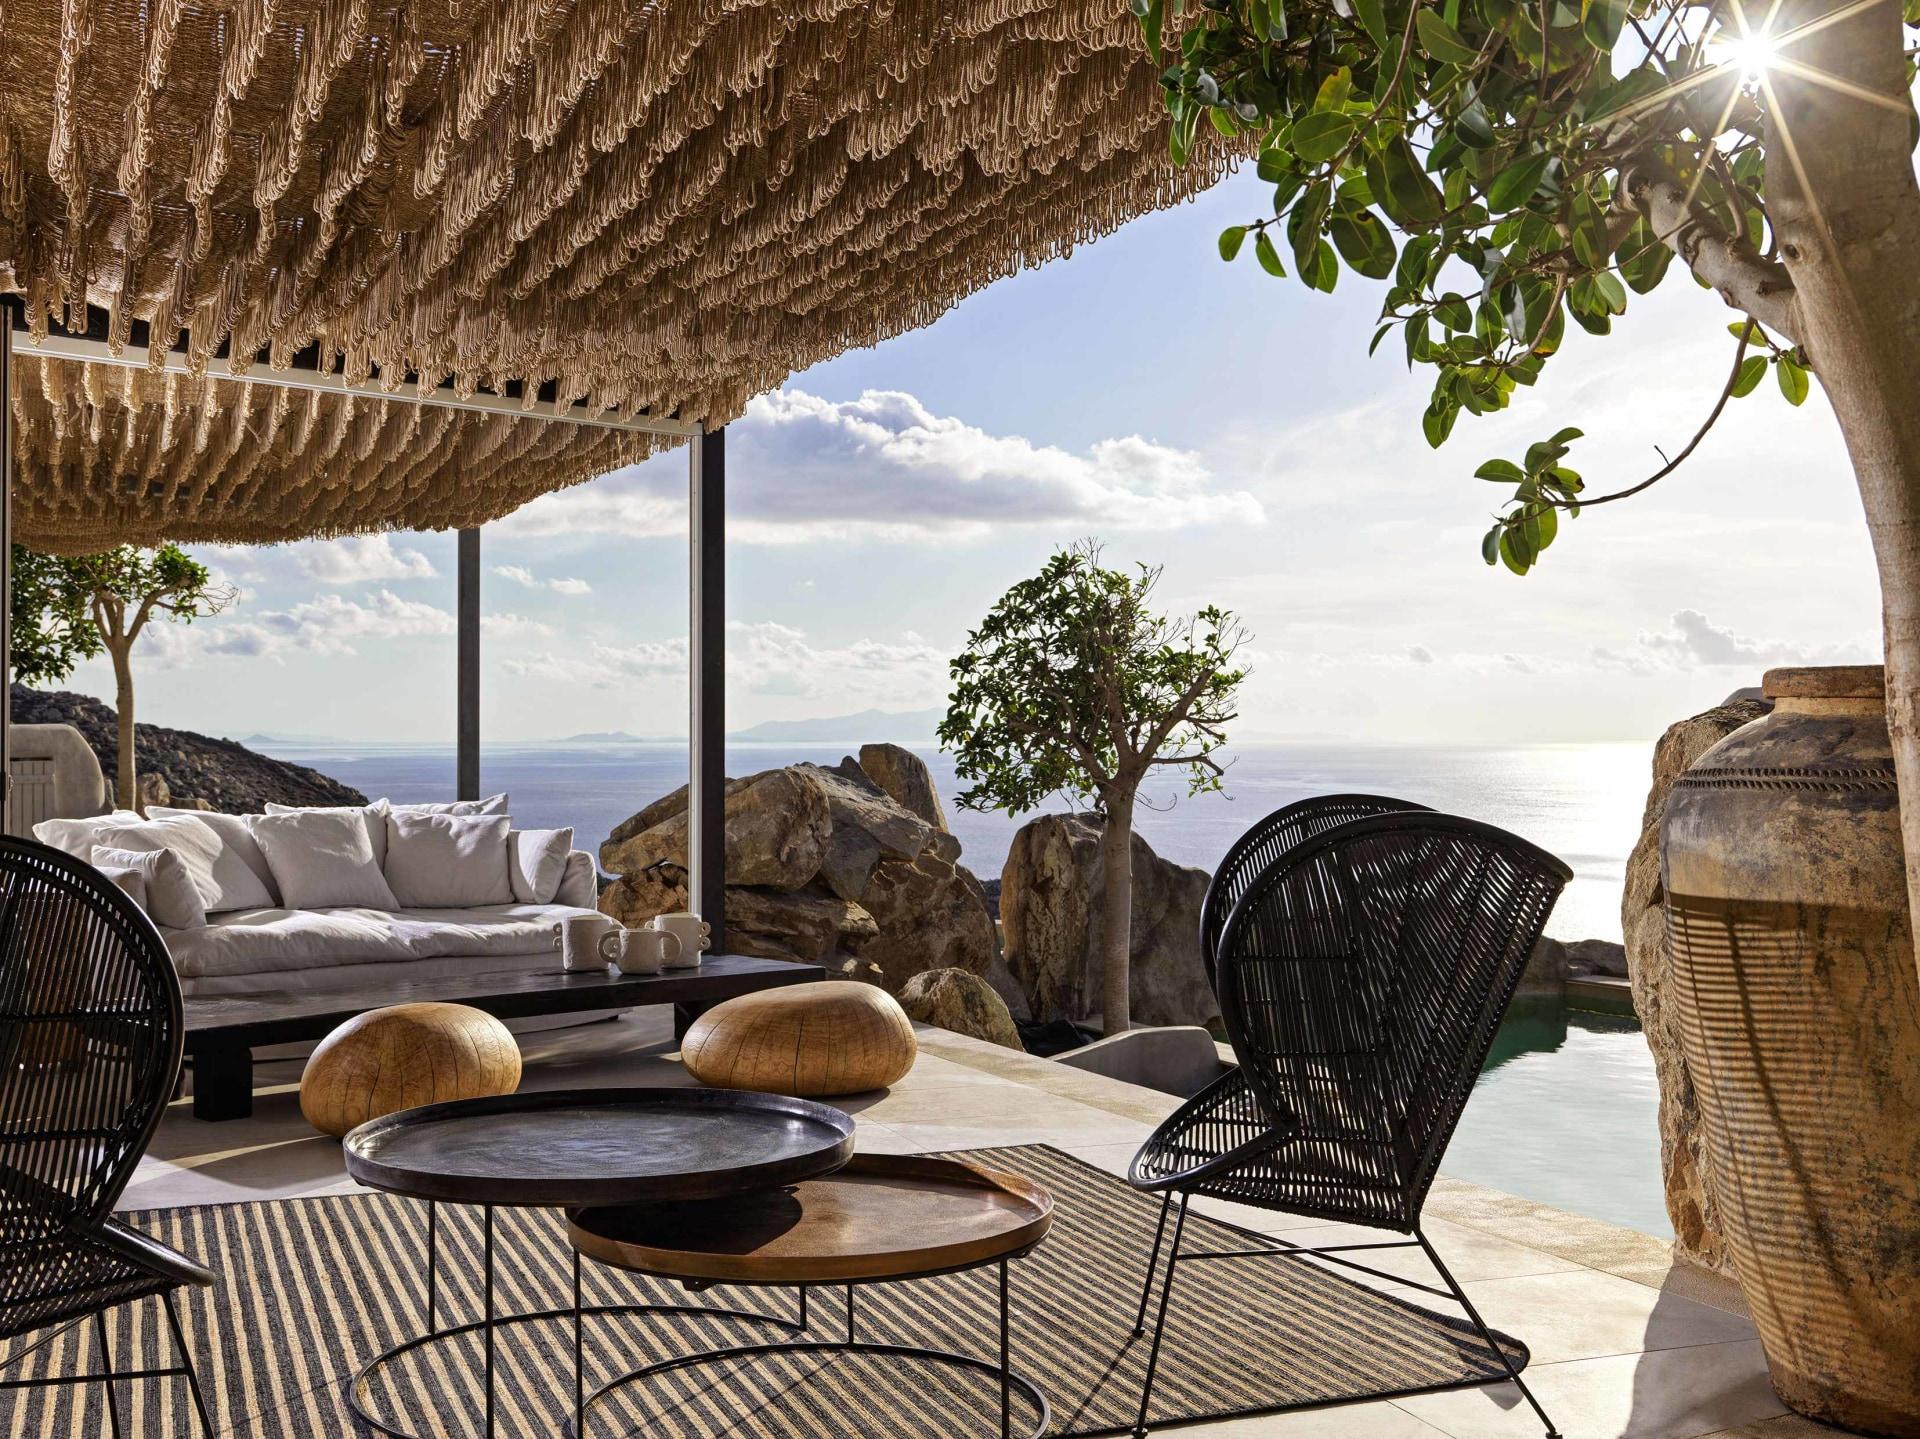 Terrasse des Honeymoon Retreats mit Aussicht aufs Meer